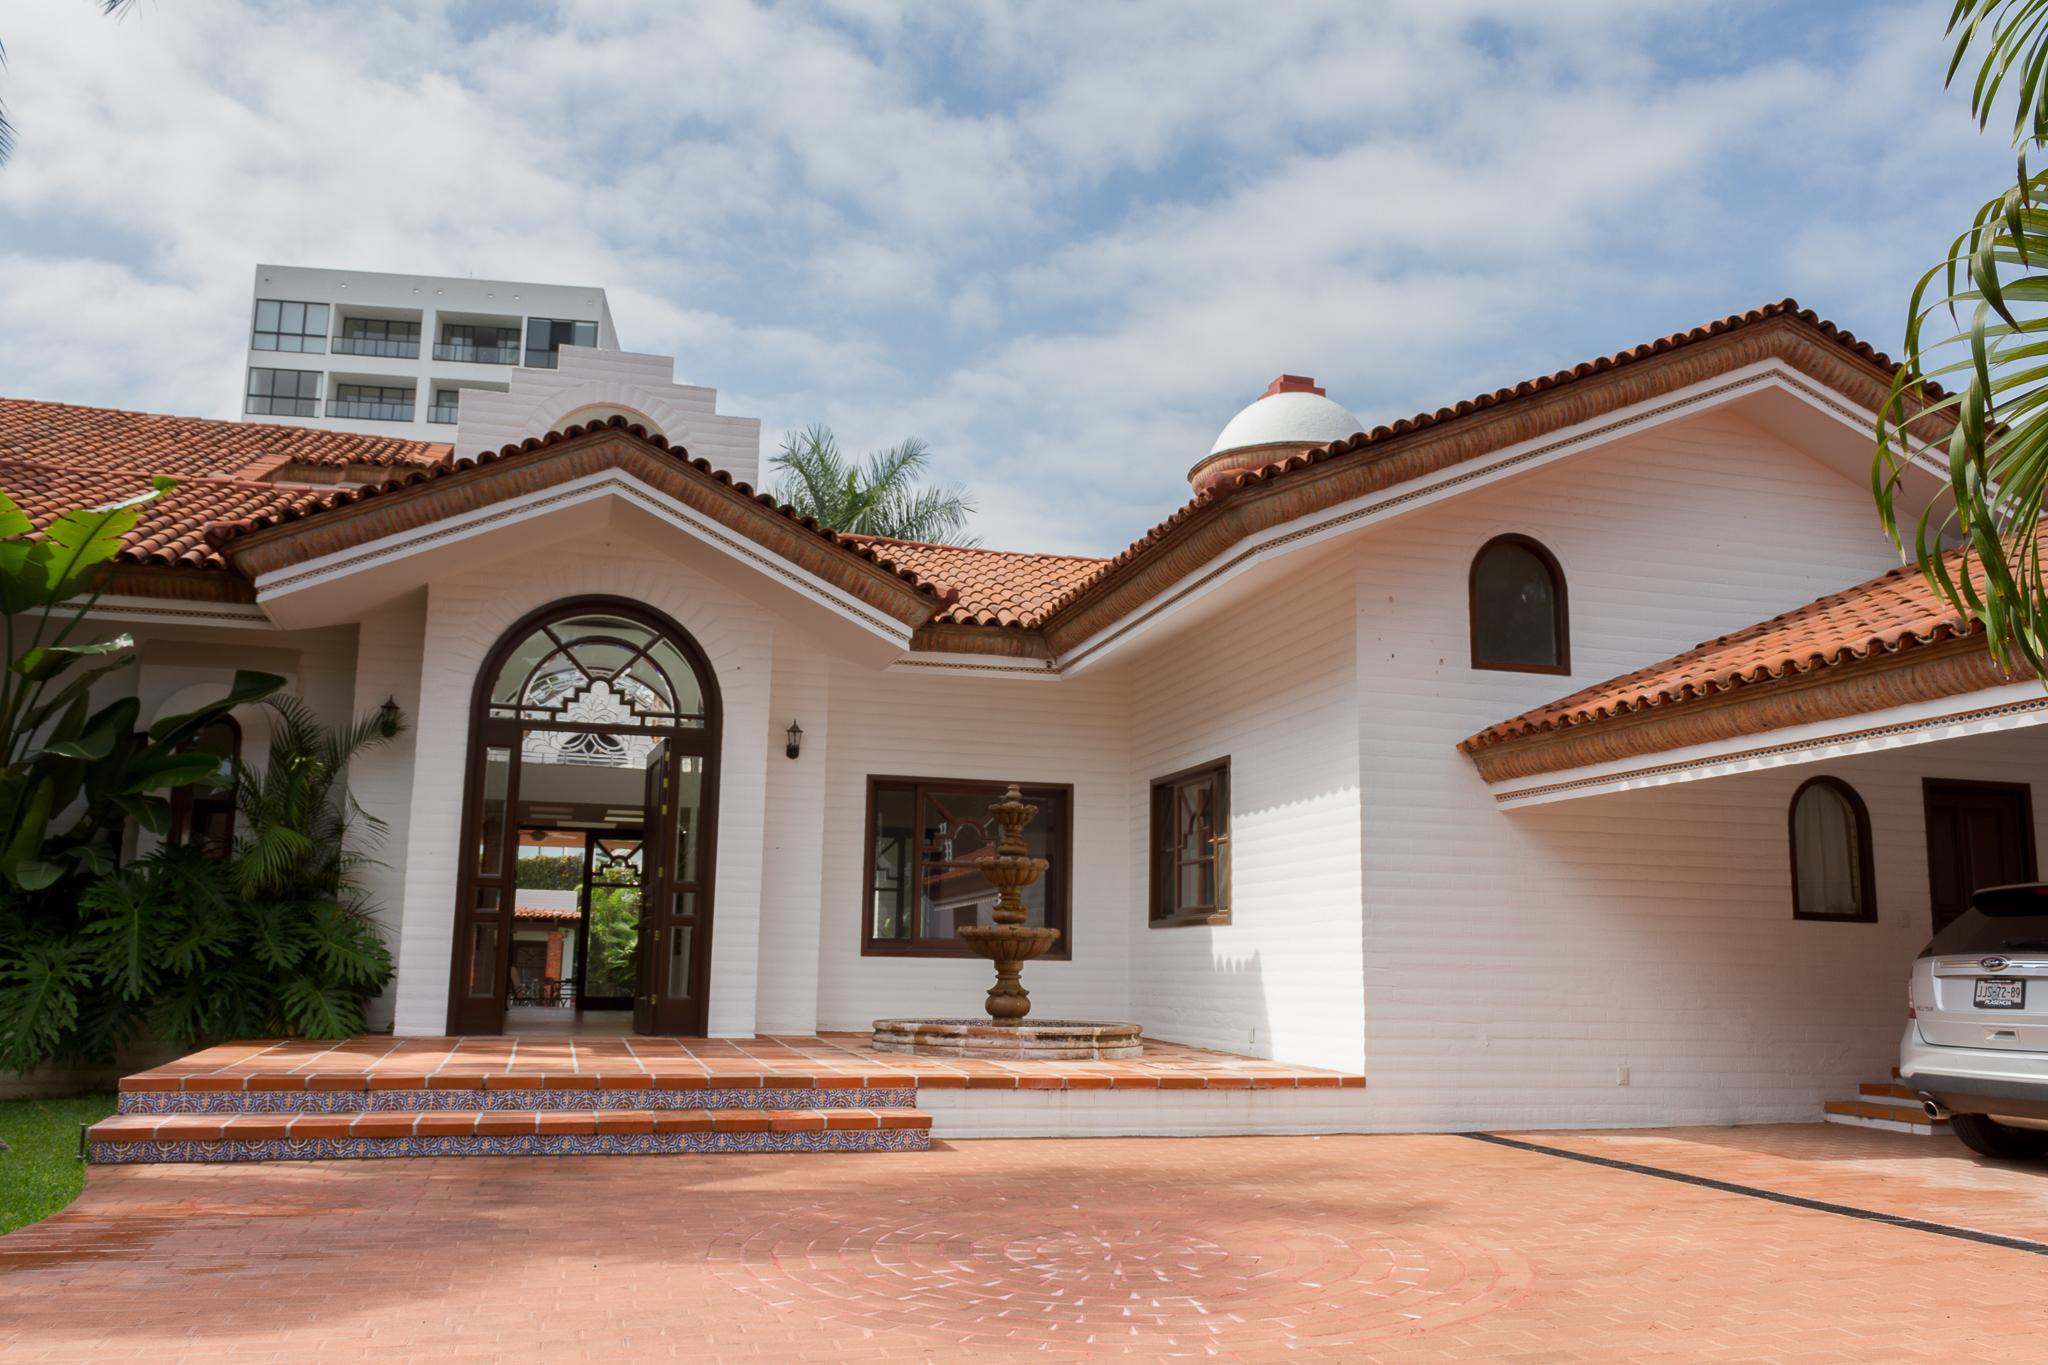 Single Family Home for Sale at Residencia del Parque Paseo de los Parques 4901 Guadalajara, Jalisco 45110 Mexico